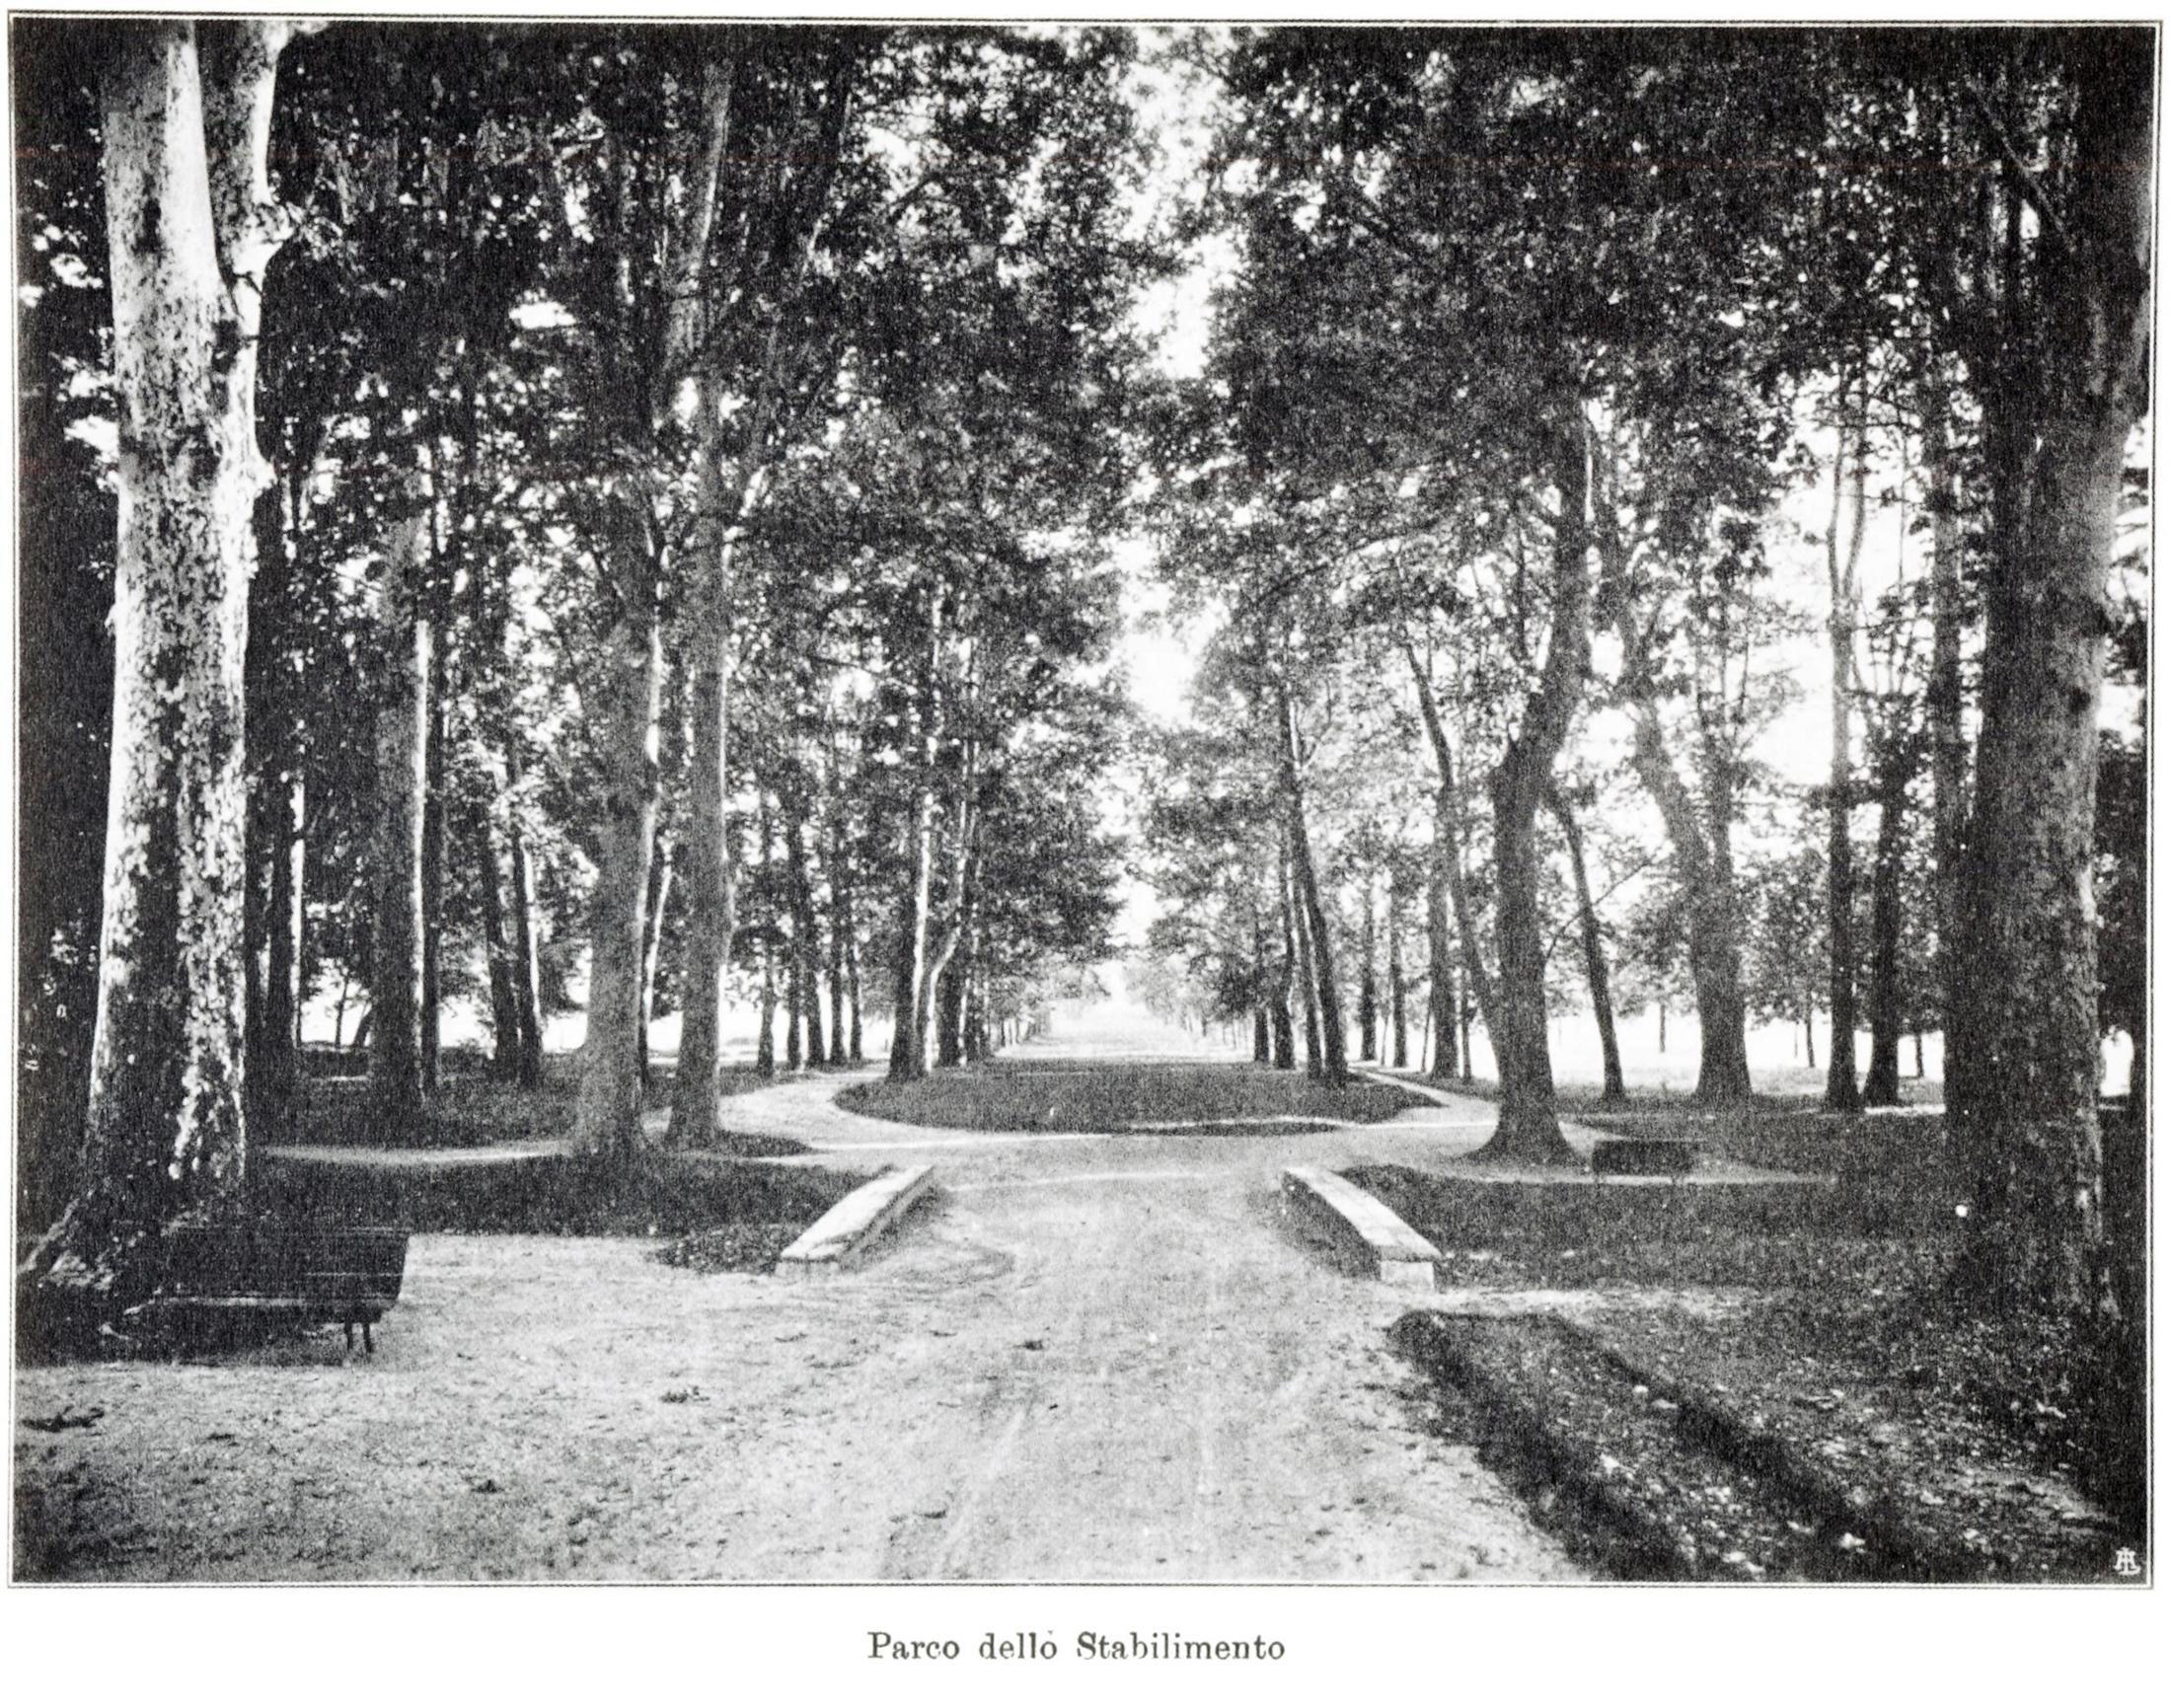 Parco dello Stabilimento.